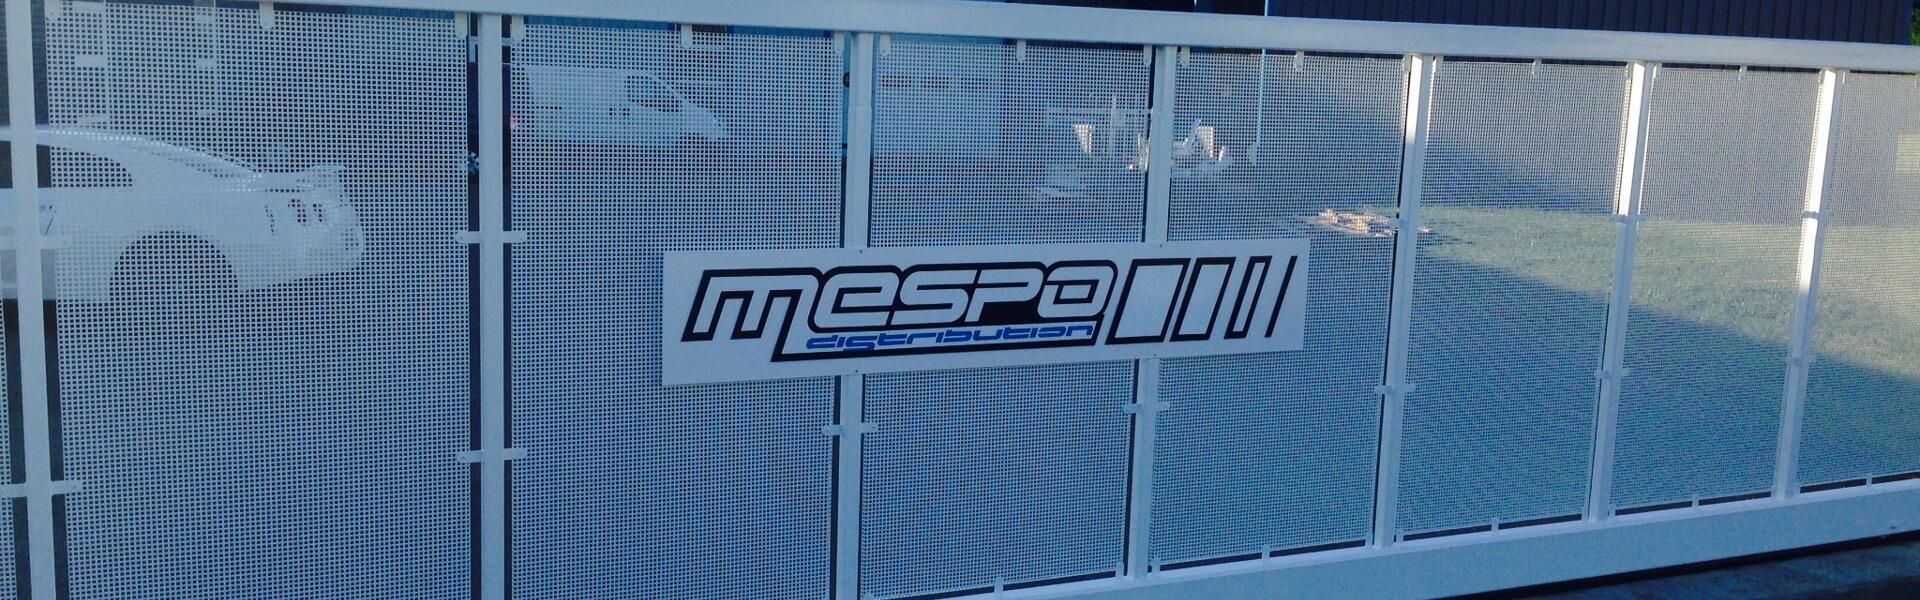 MESPO_2017_portail mespo